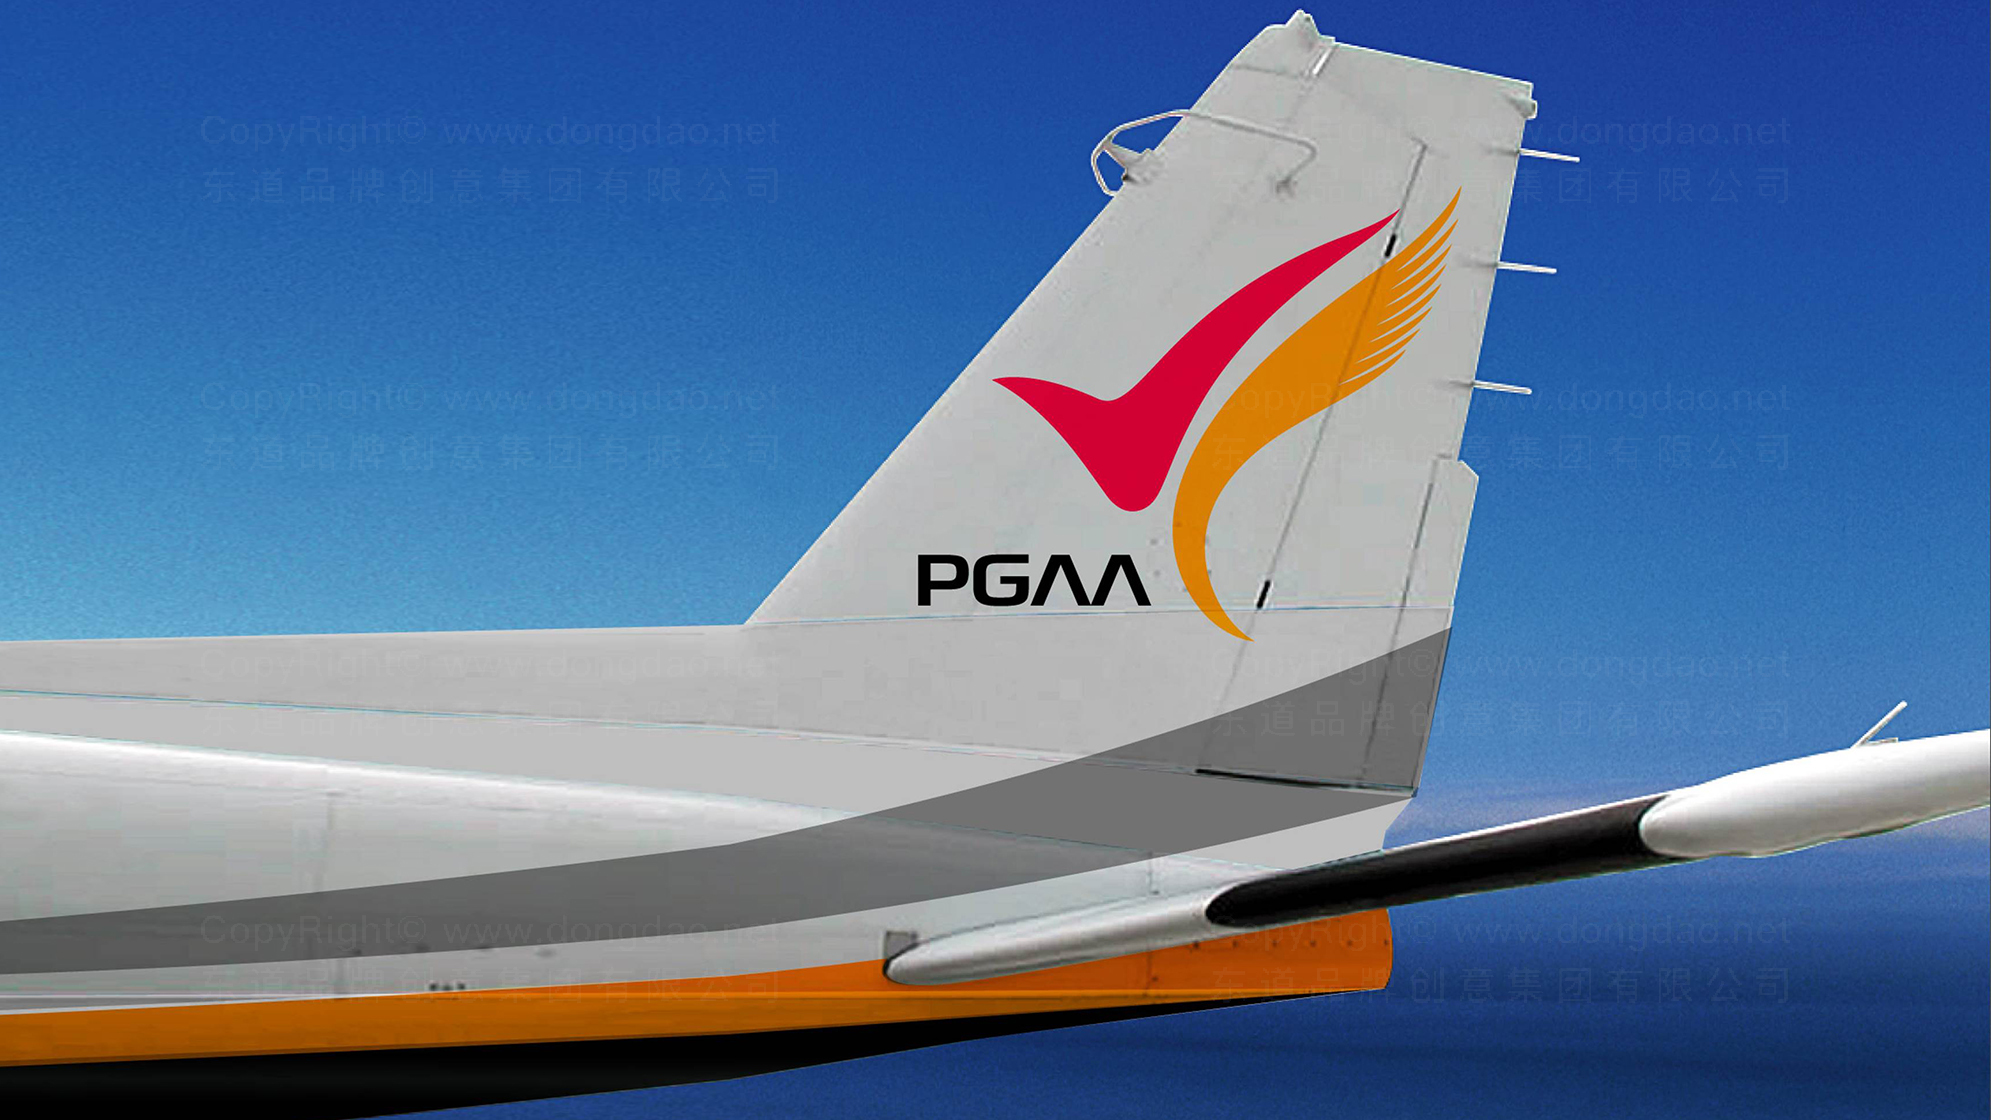 品牌设计案例凤凰通用航空标志设计